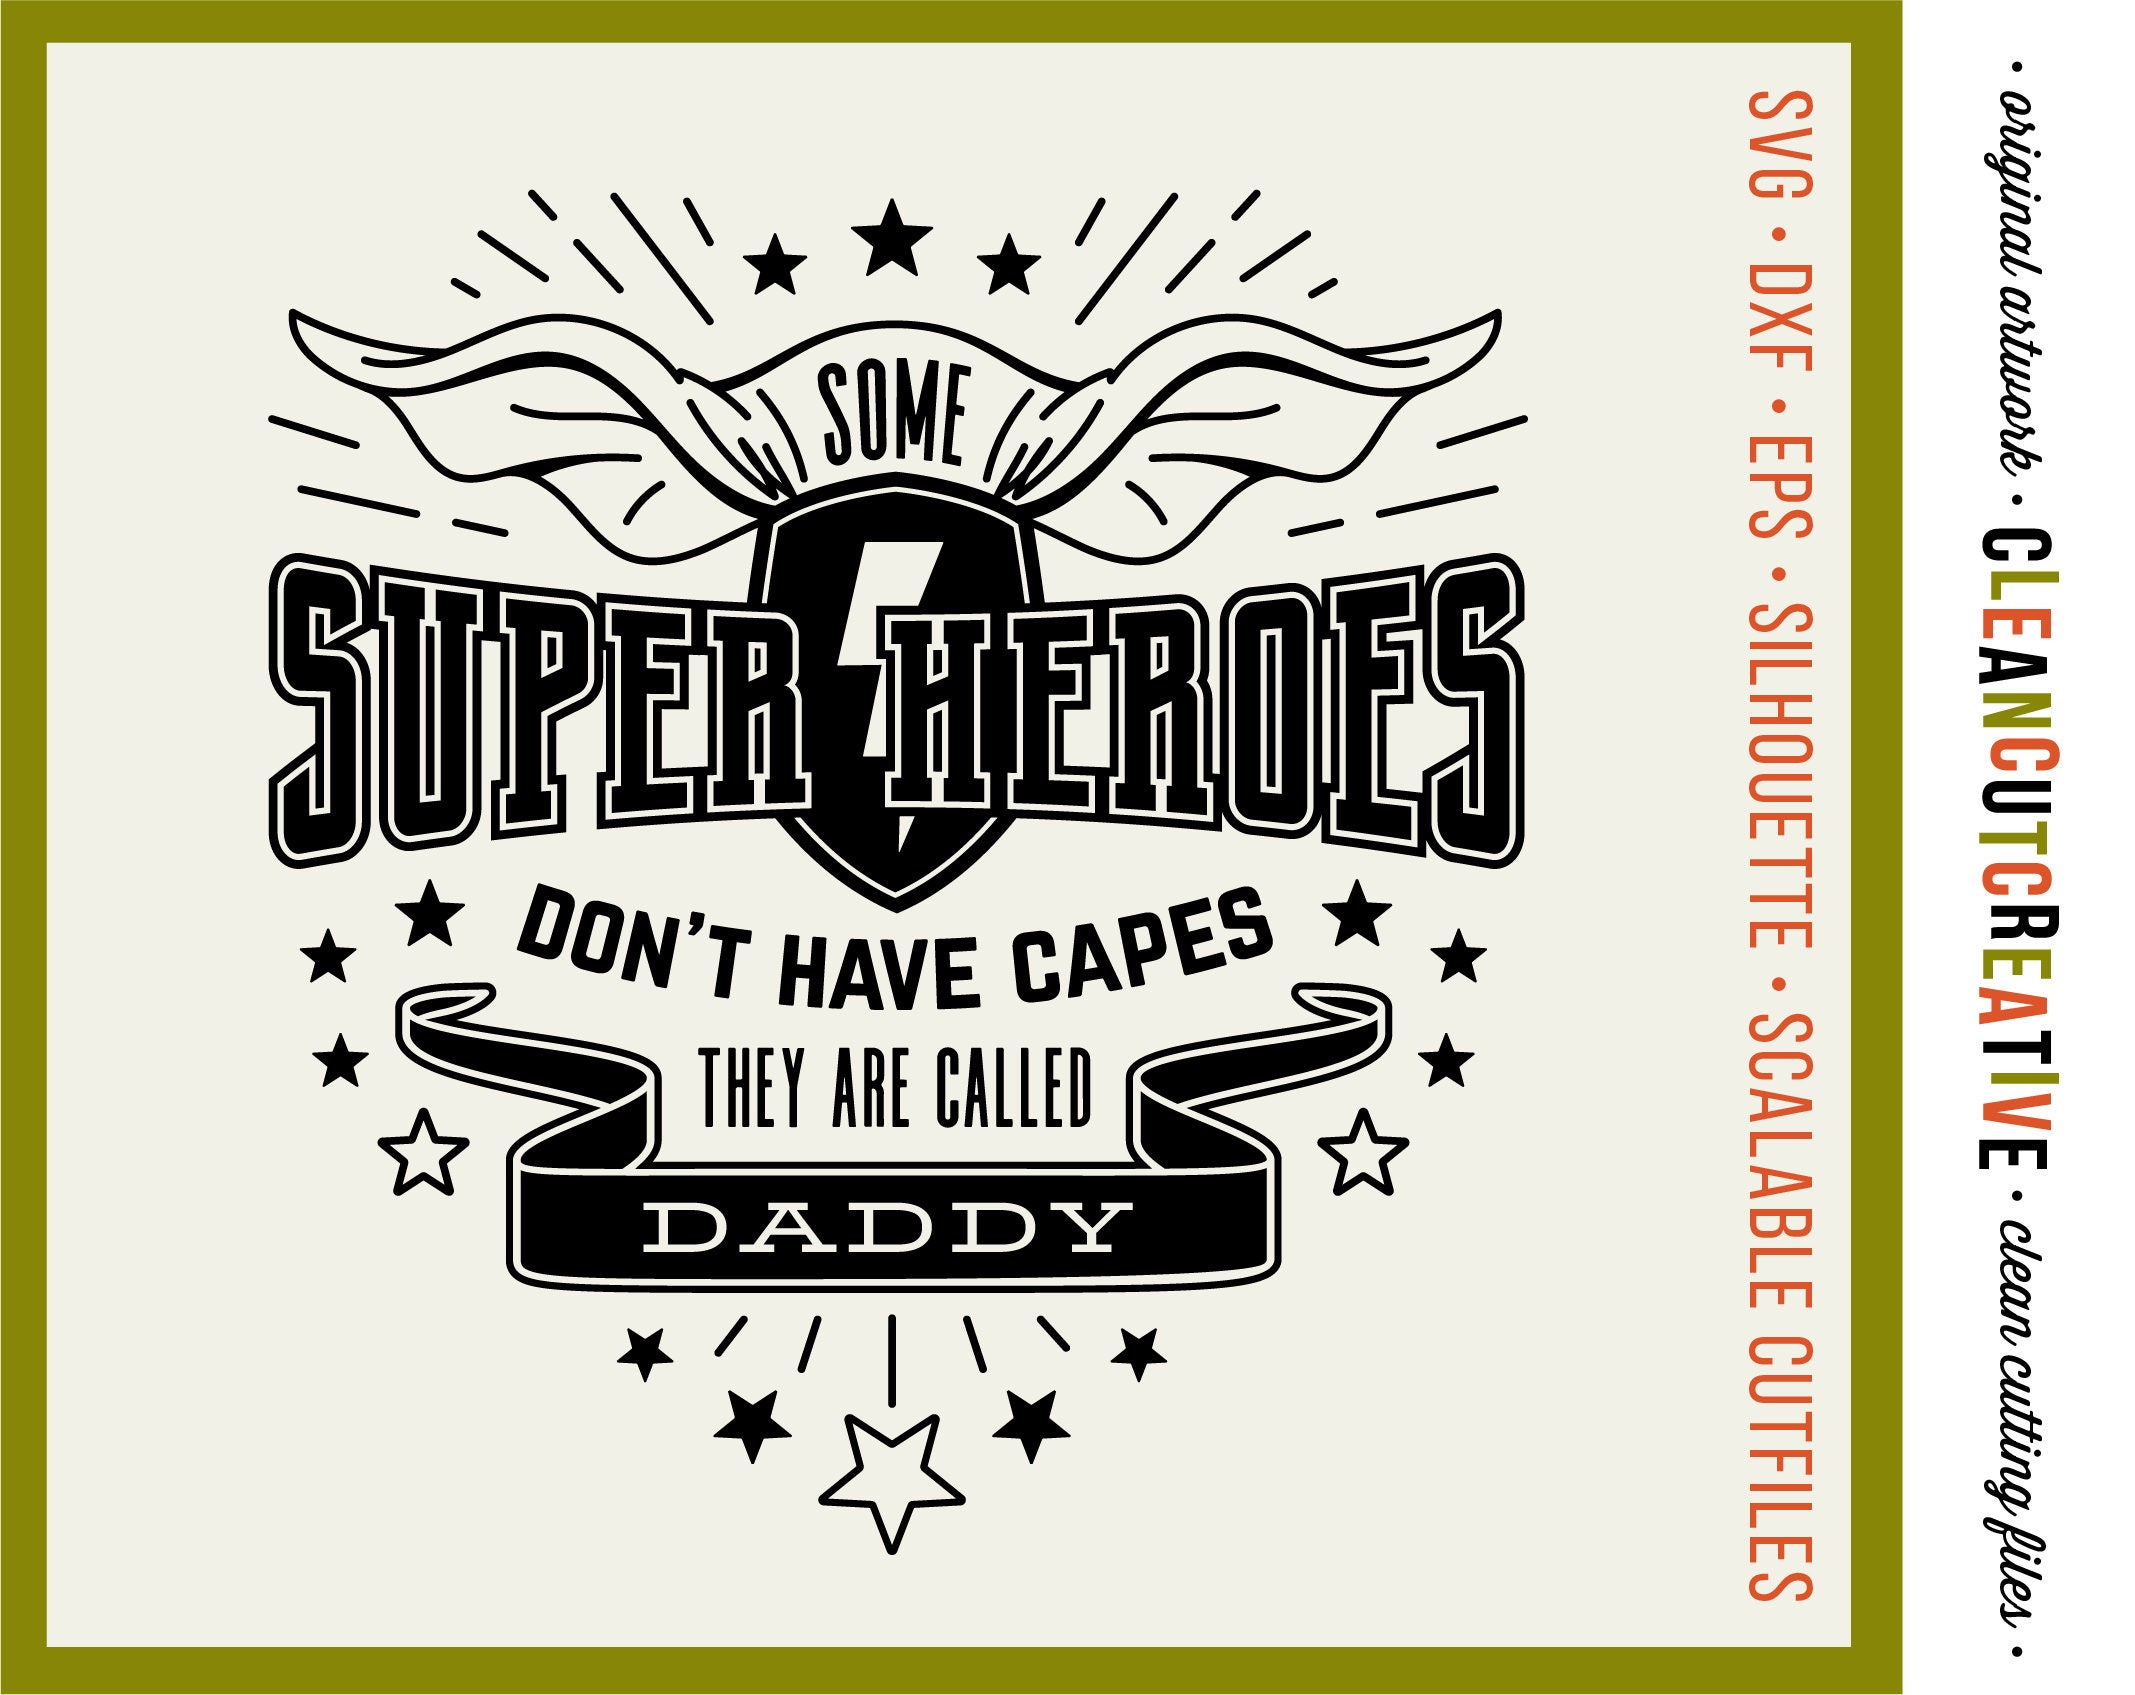 SVG-Superheld Svg Super Hero Svg Väter Tag Svg Cape Svg